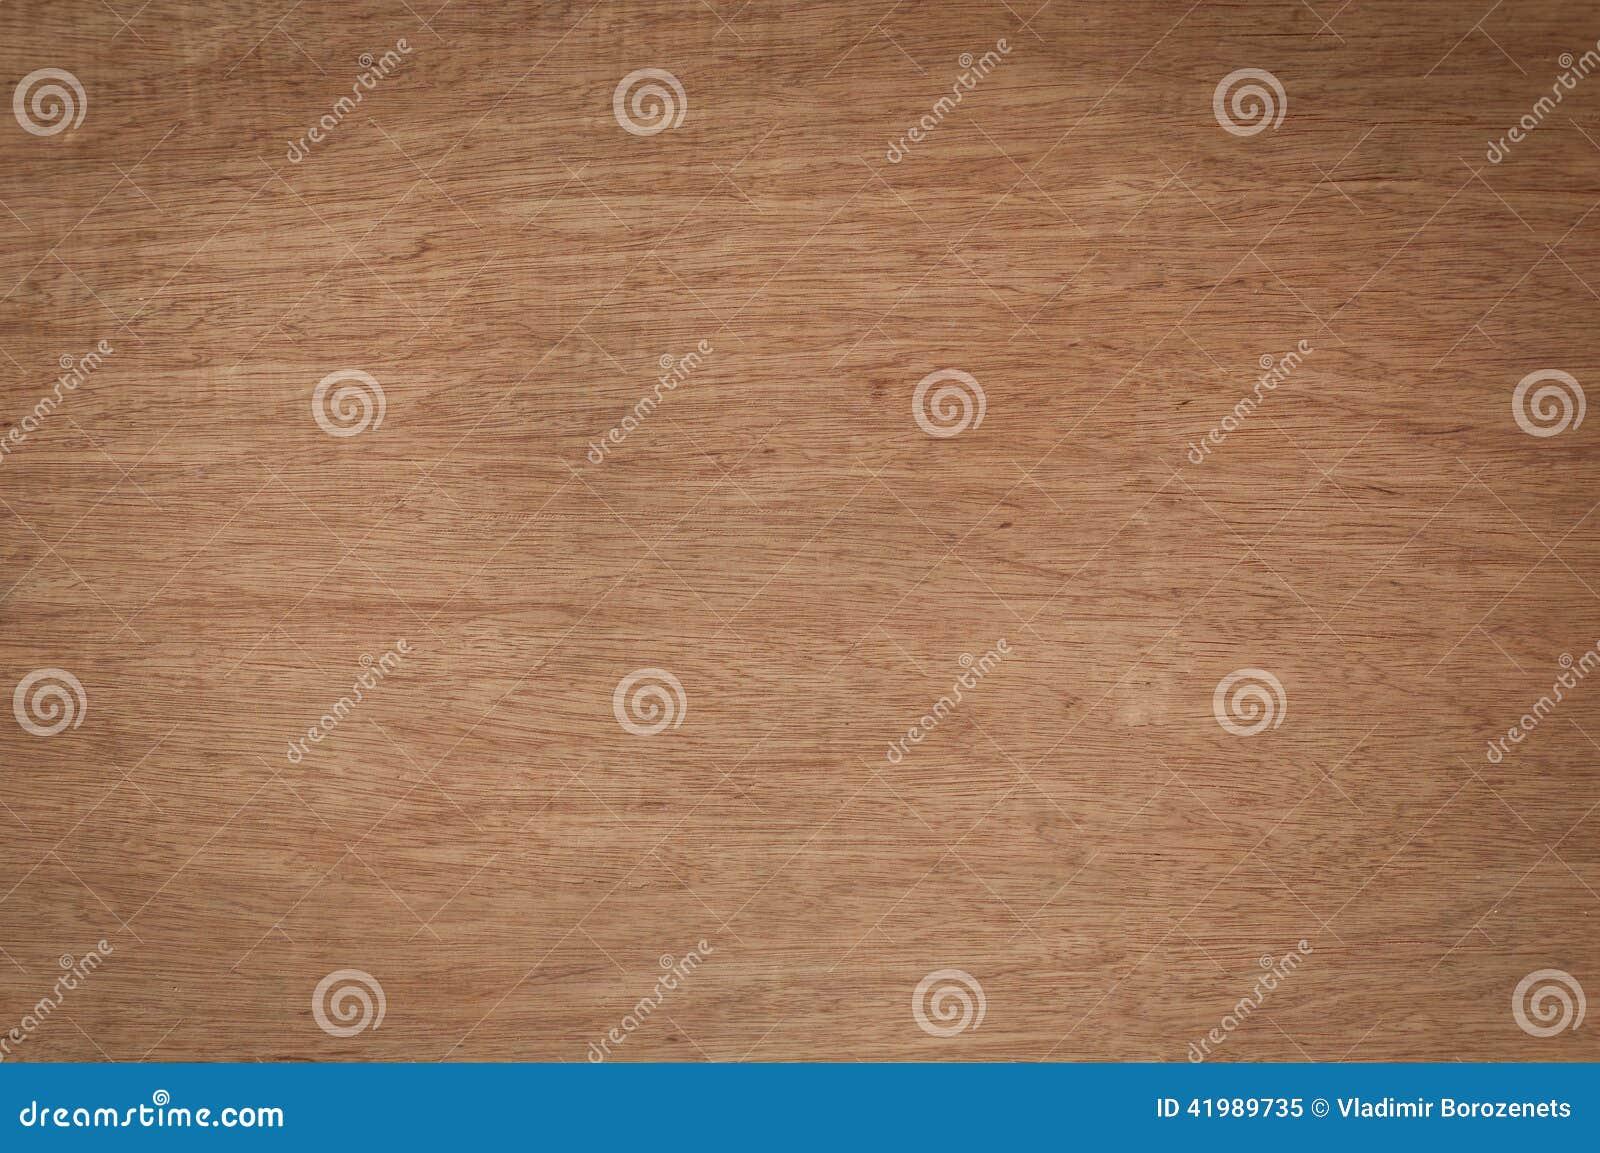 Drewno stołowa tekstura dla tła